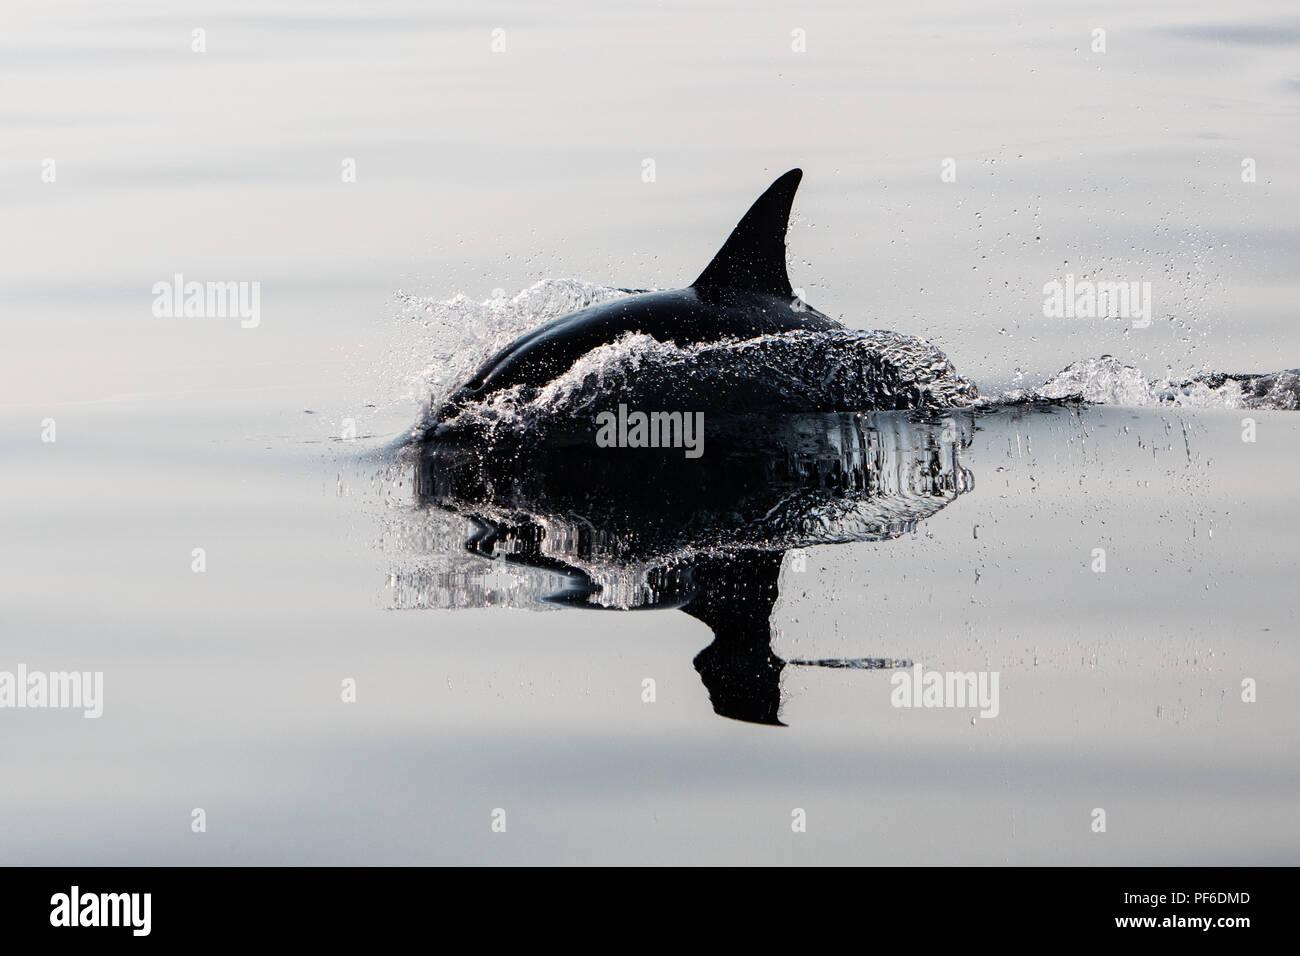 Una veloce e agile Short-Beaked delfino comune, Delphinus delphis, nuotate nell'Oceano Atlantico al largo di Capo Cod, Massachusetts. Immagini Stock